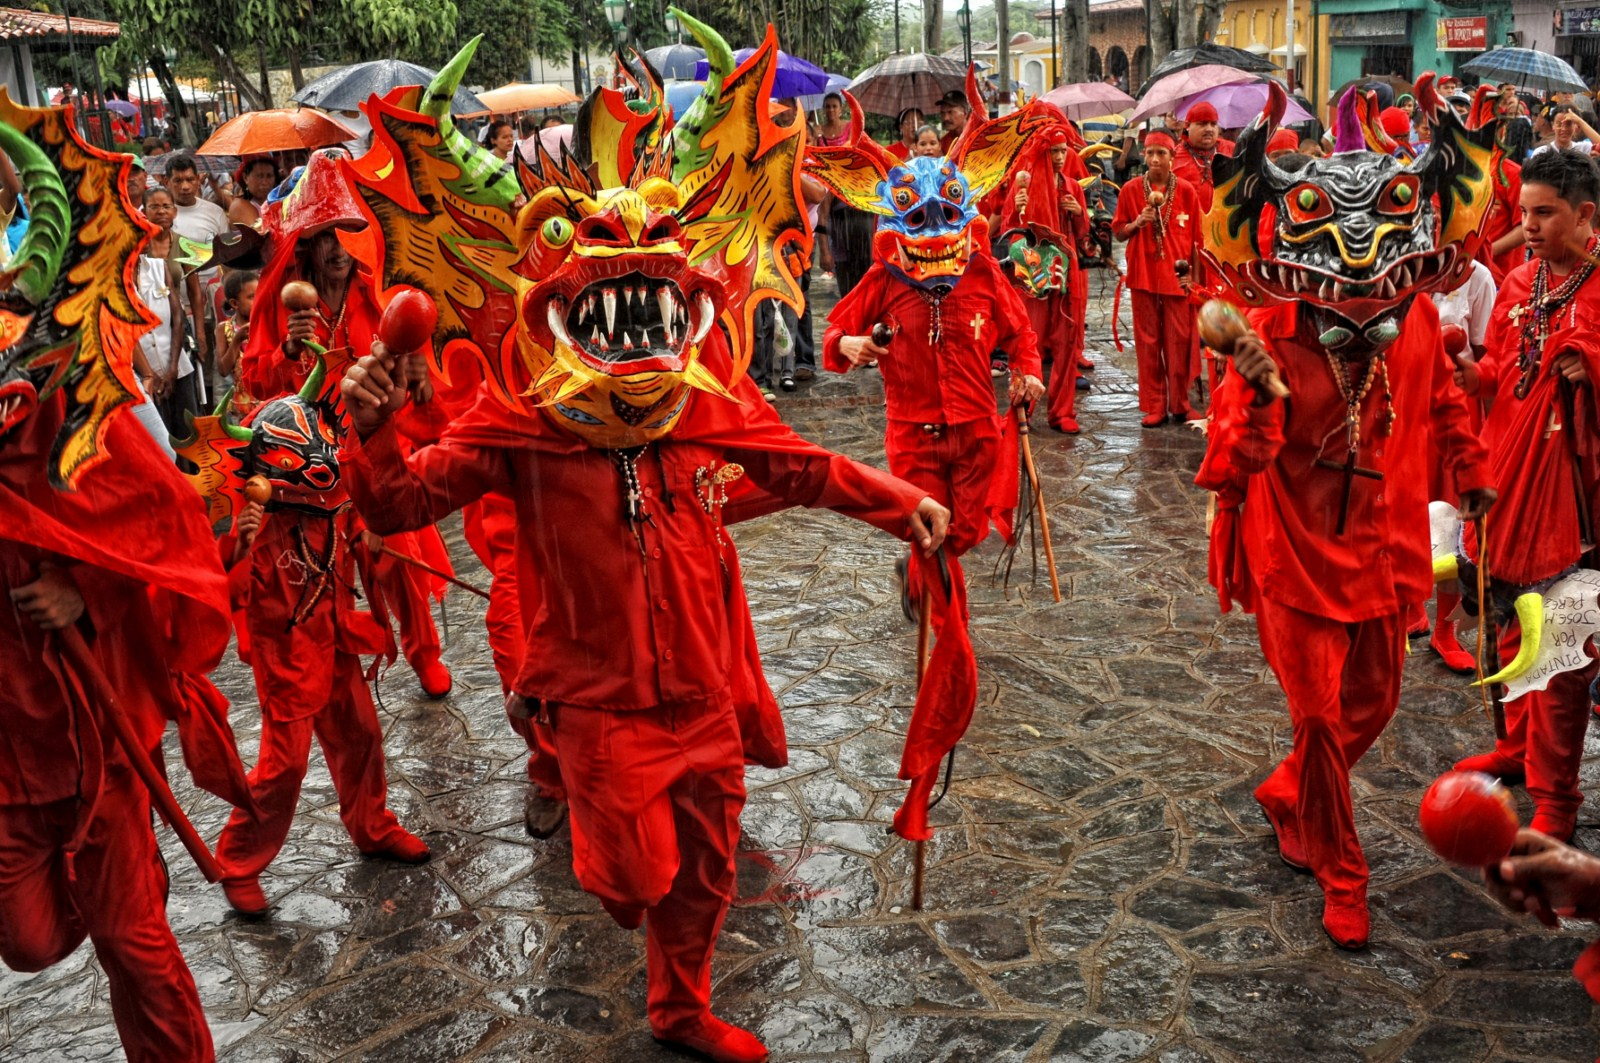 Los Diablos Danzantes de Venezuela